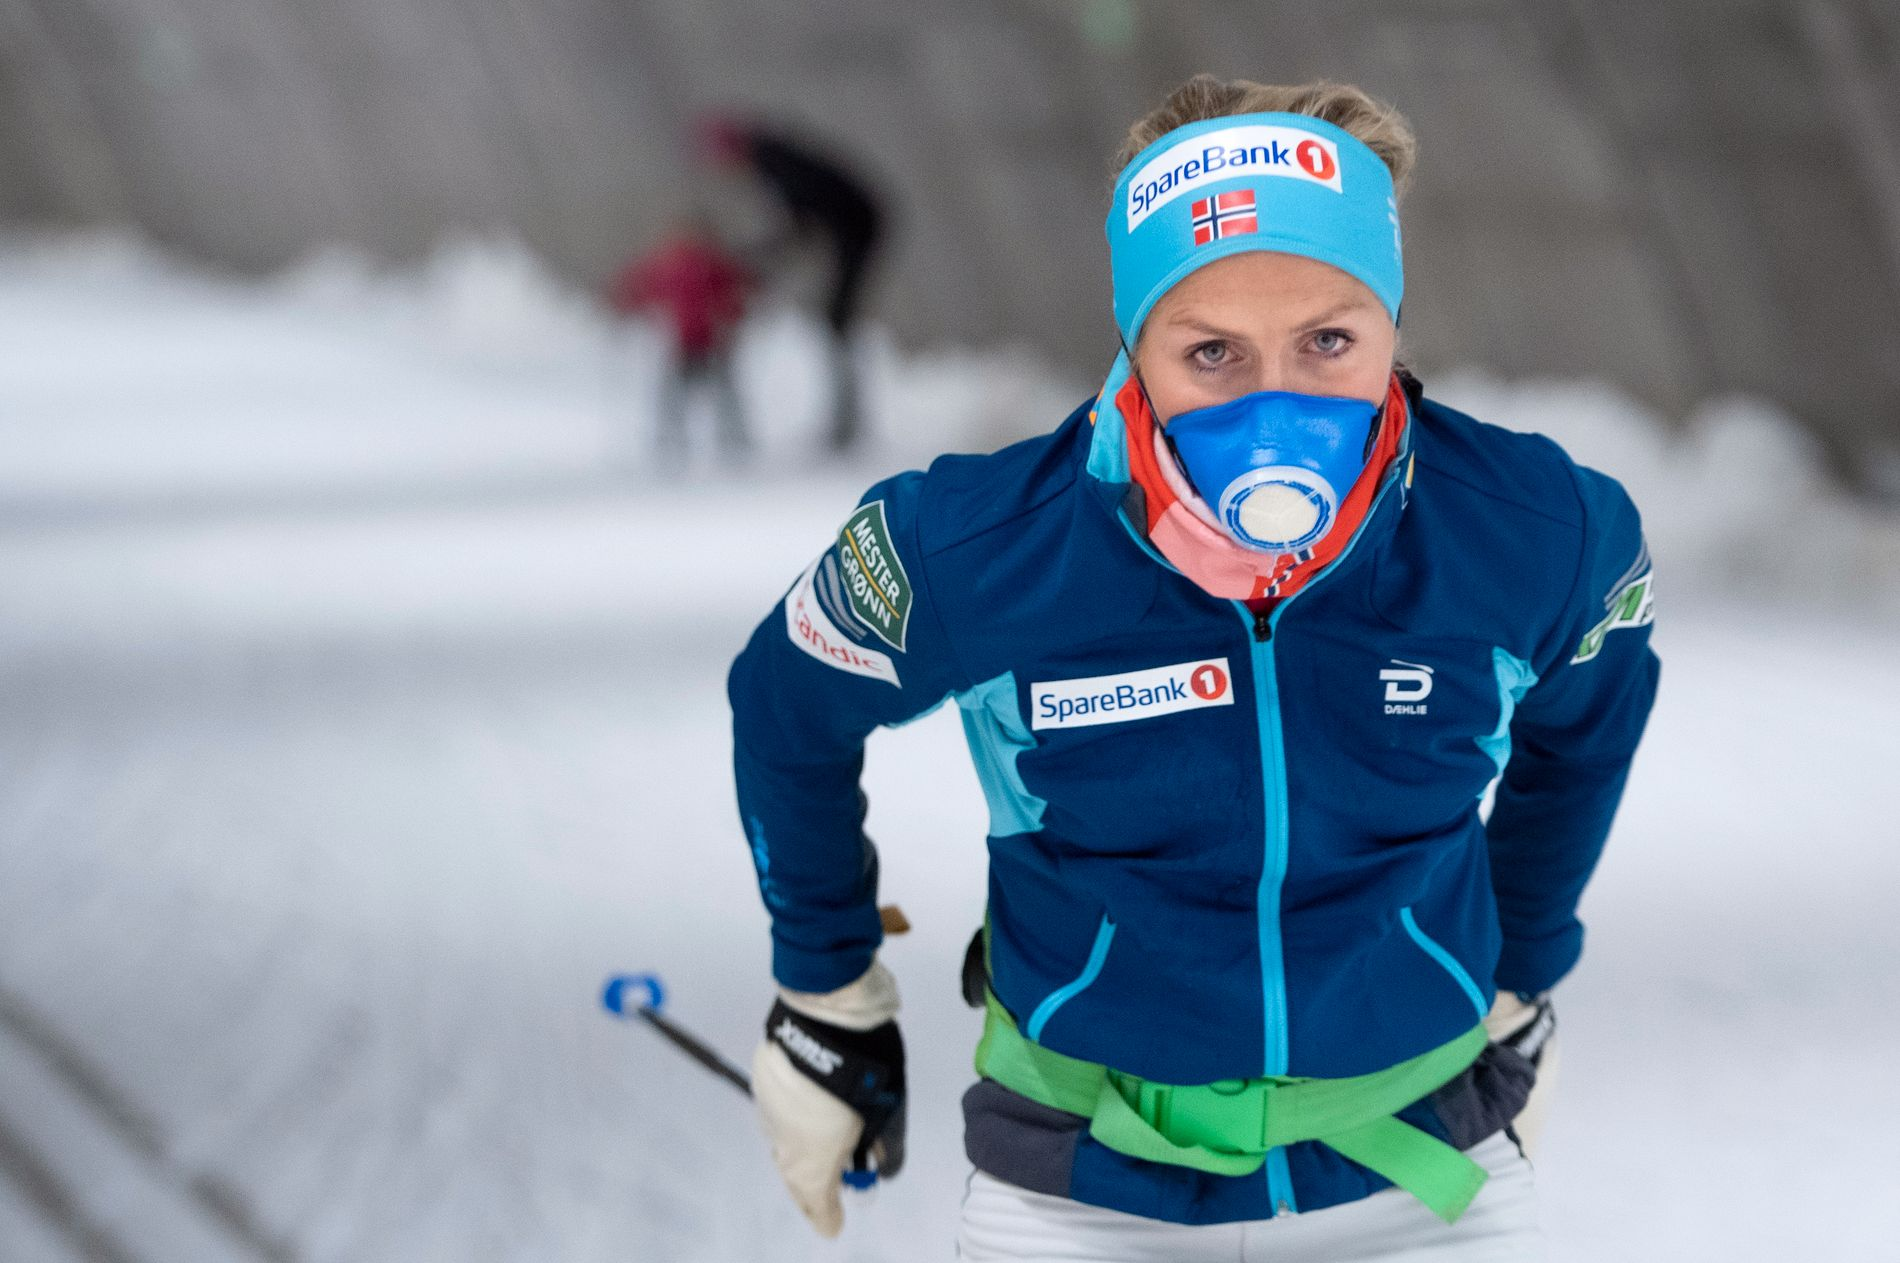 LETTET: Therese Johaug under treningsøkt i skitunellen i Torsby denne uken.